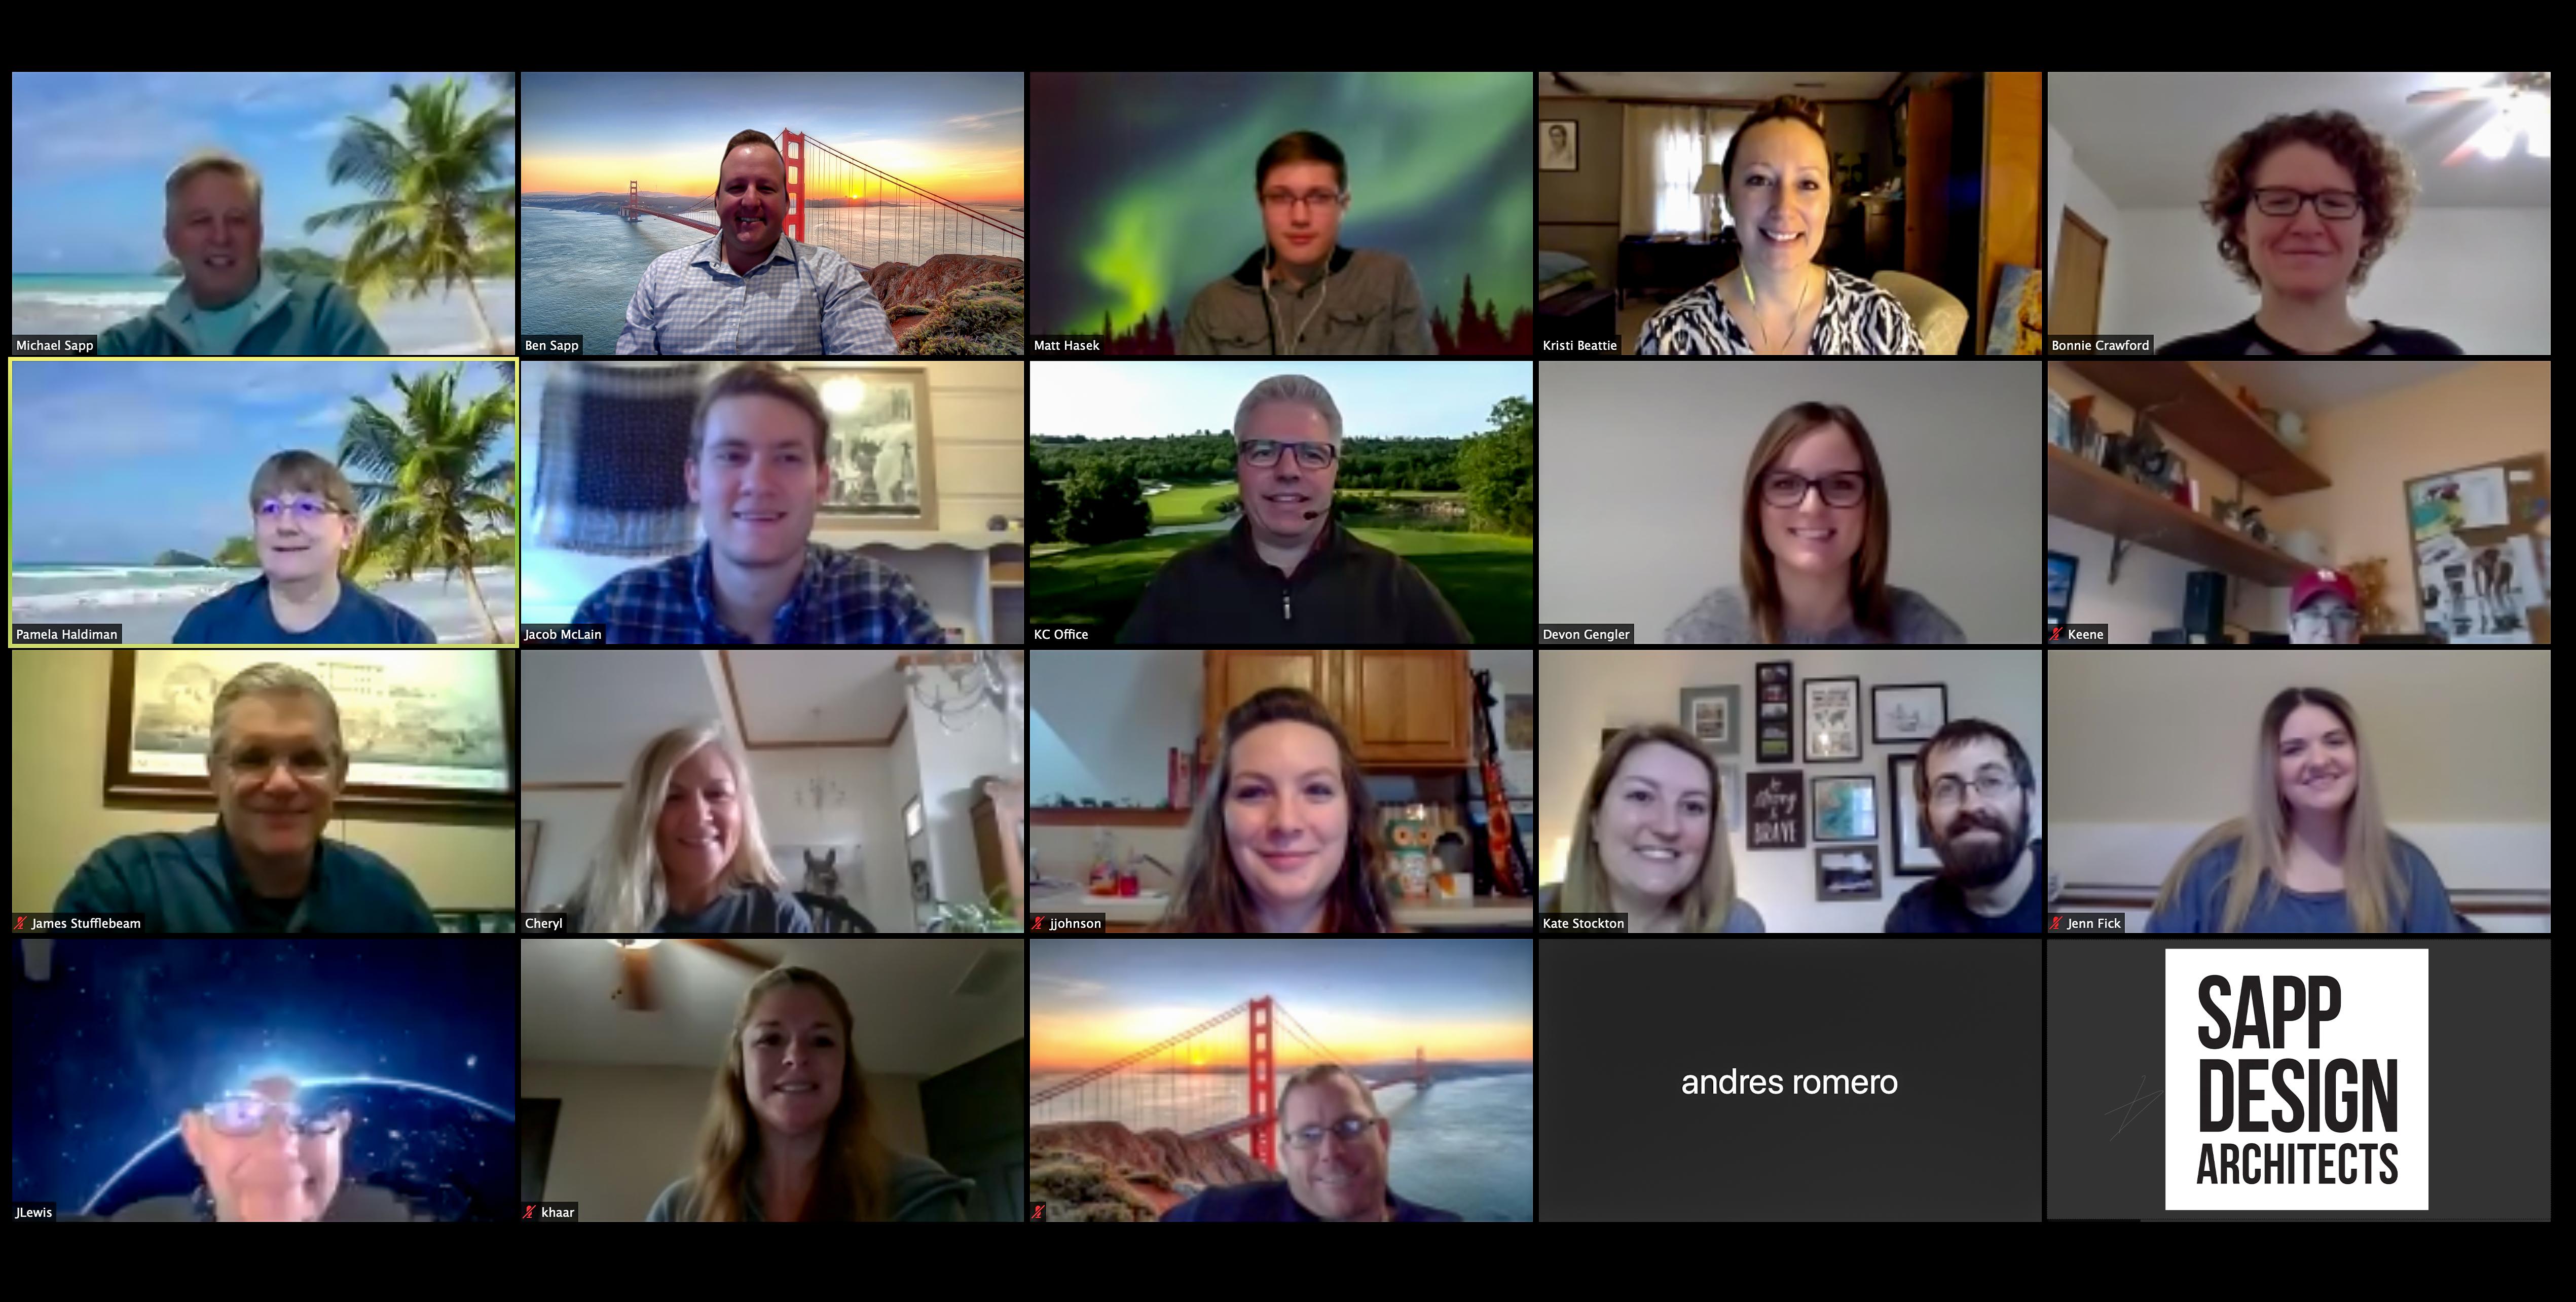 Screenshot of all Sapp design associates on video call